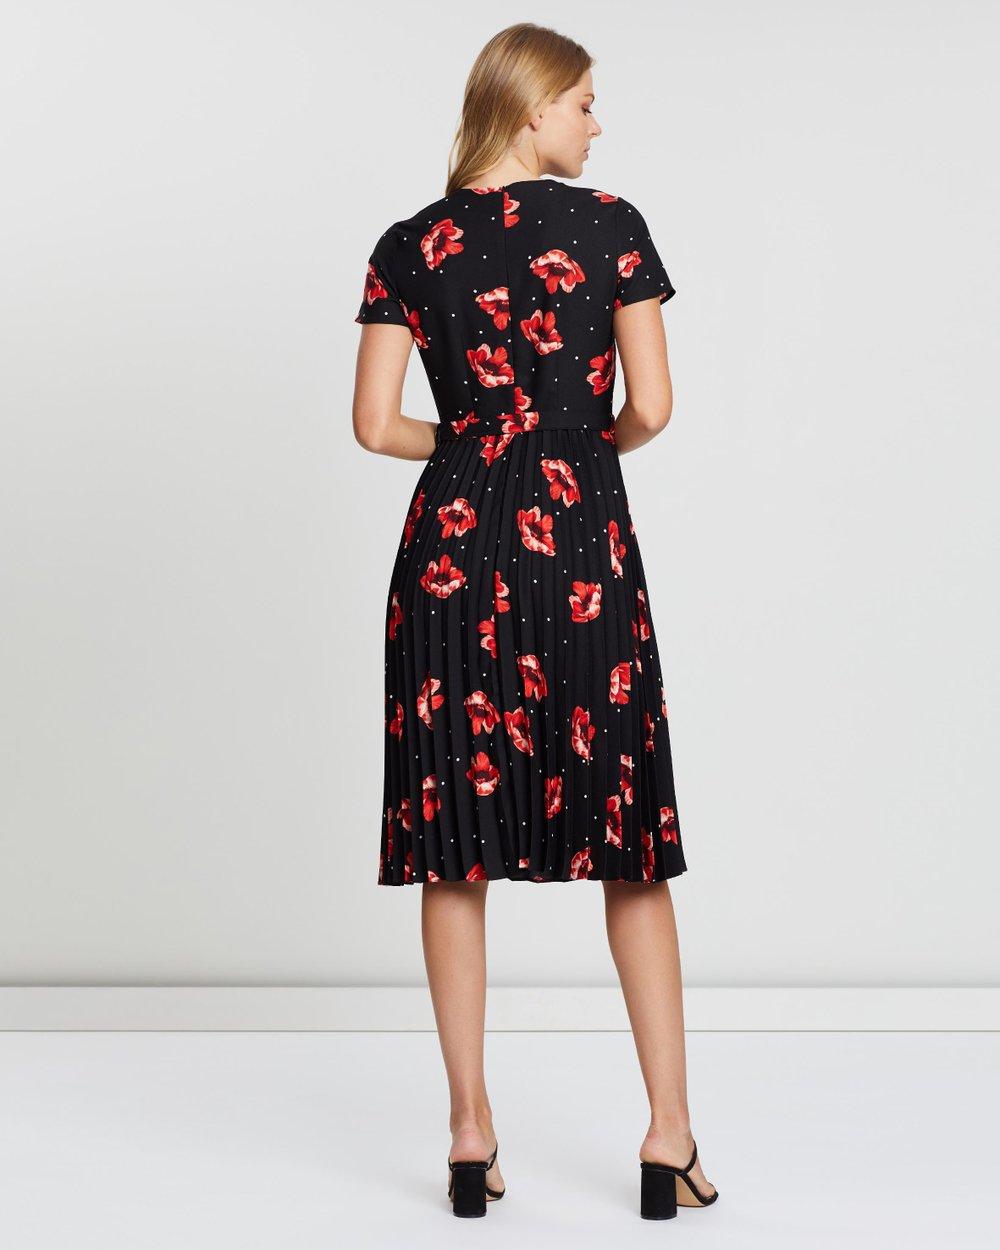 ffb73409339 Poppy Midi Dress